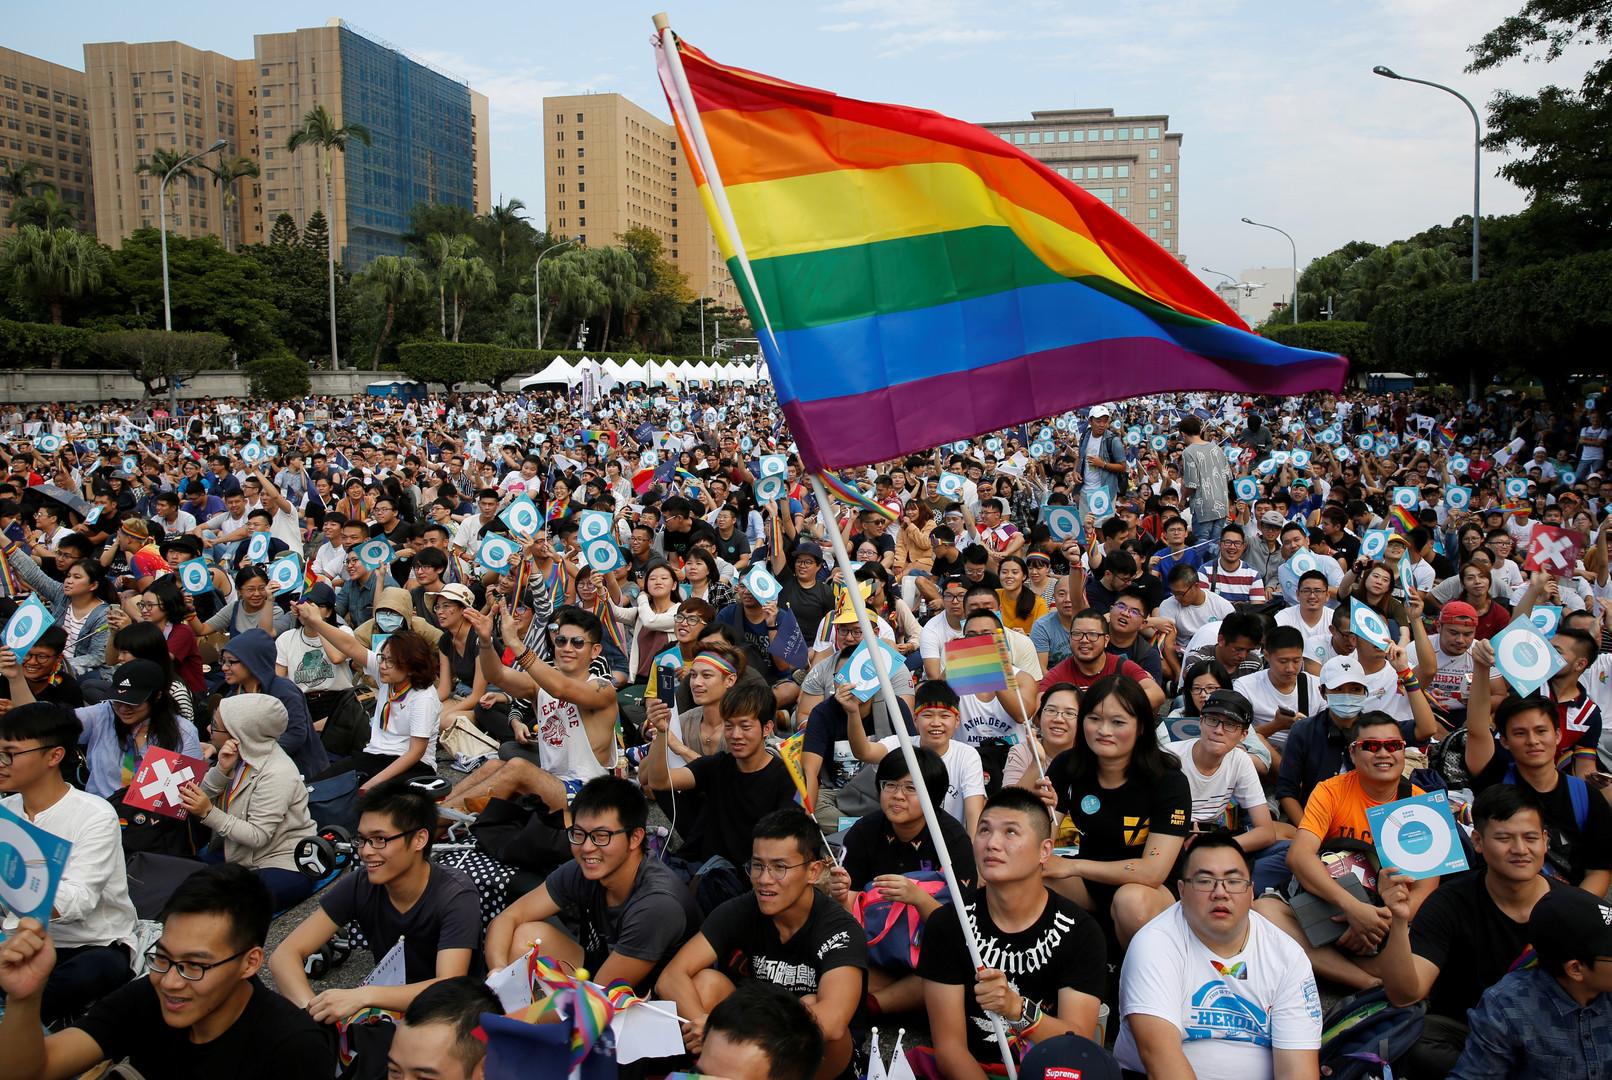 صورة أرشيفية من تظاهرات للمثليين في تايوان